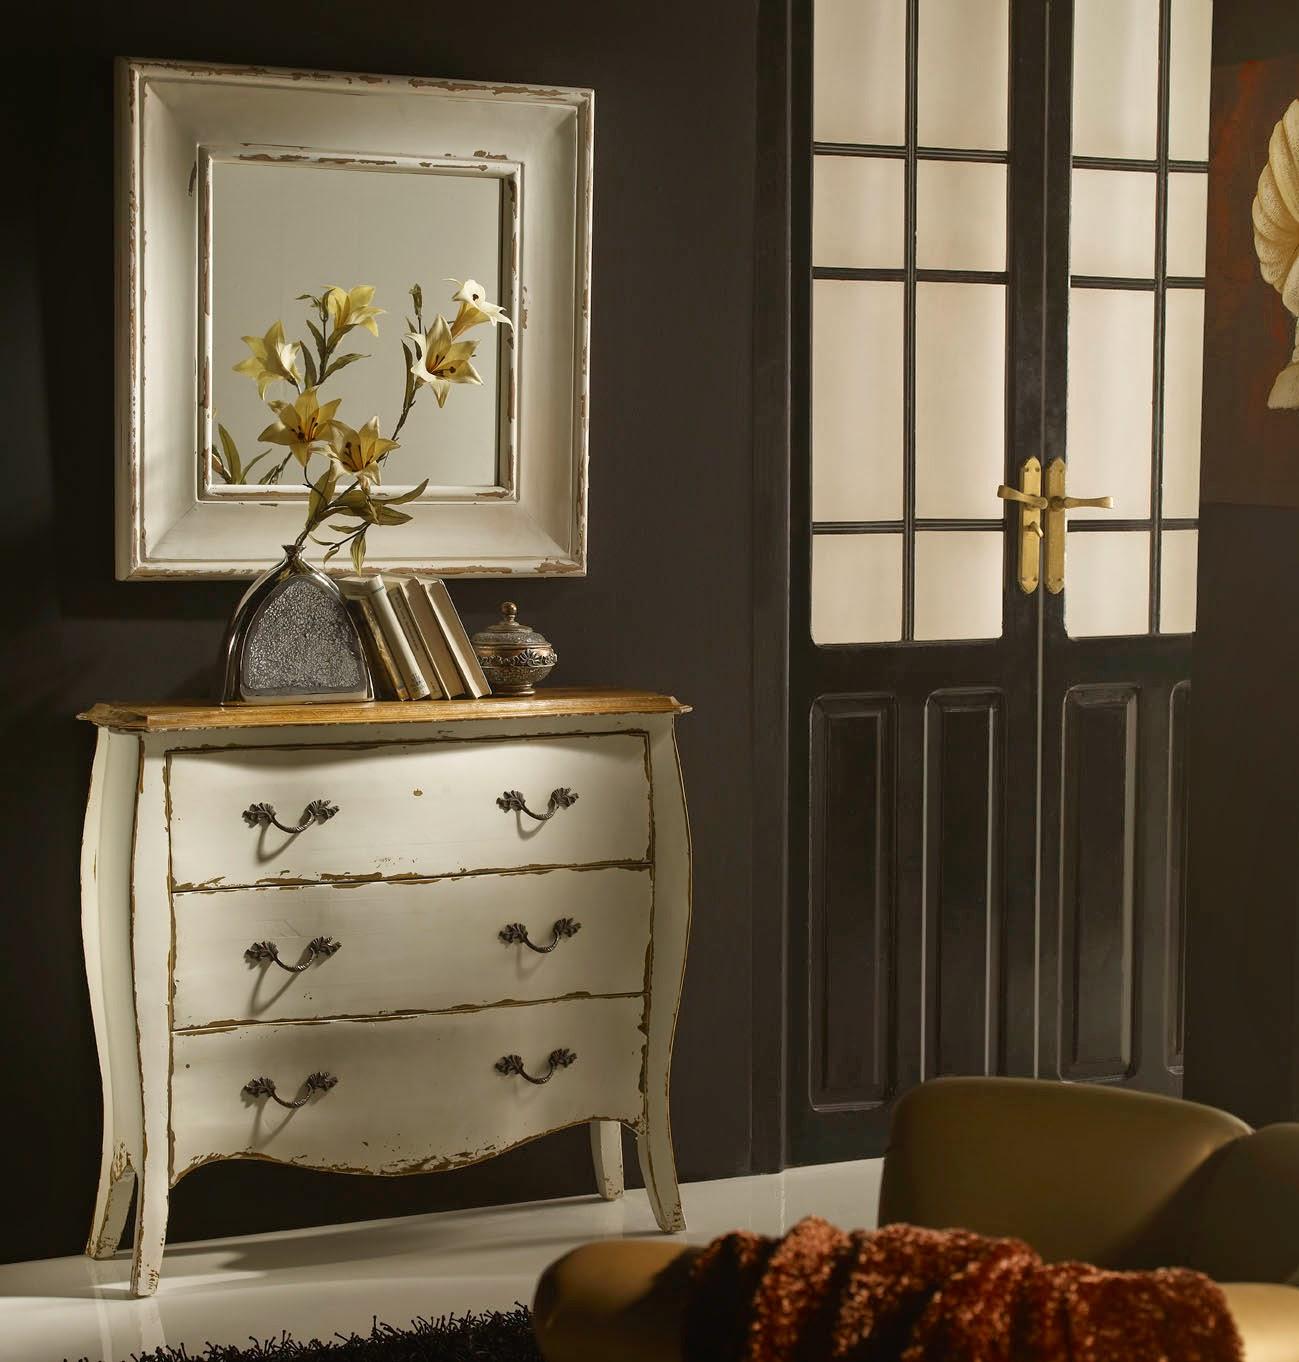 Muebles recibidor pasillos y escaleras decoraci n de - Decoracion pasillos y recibidores ...